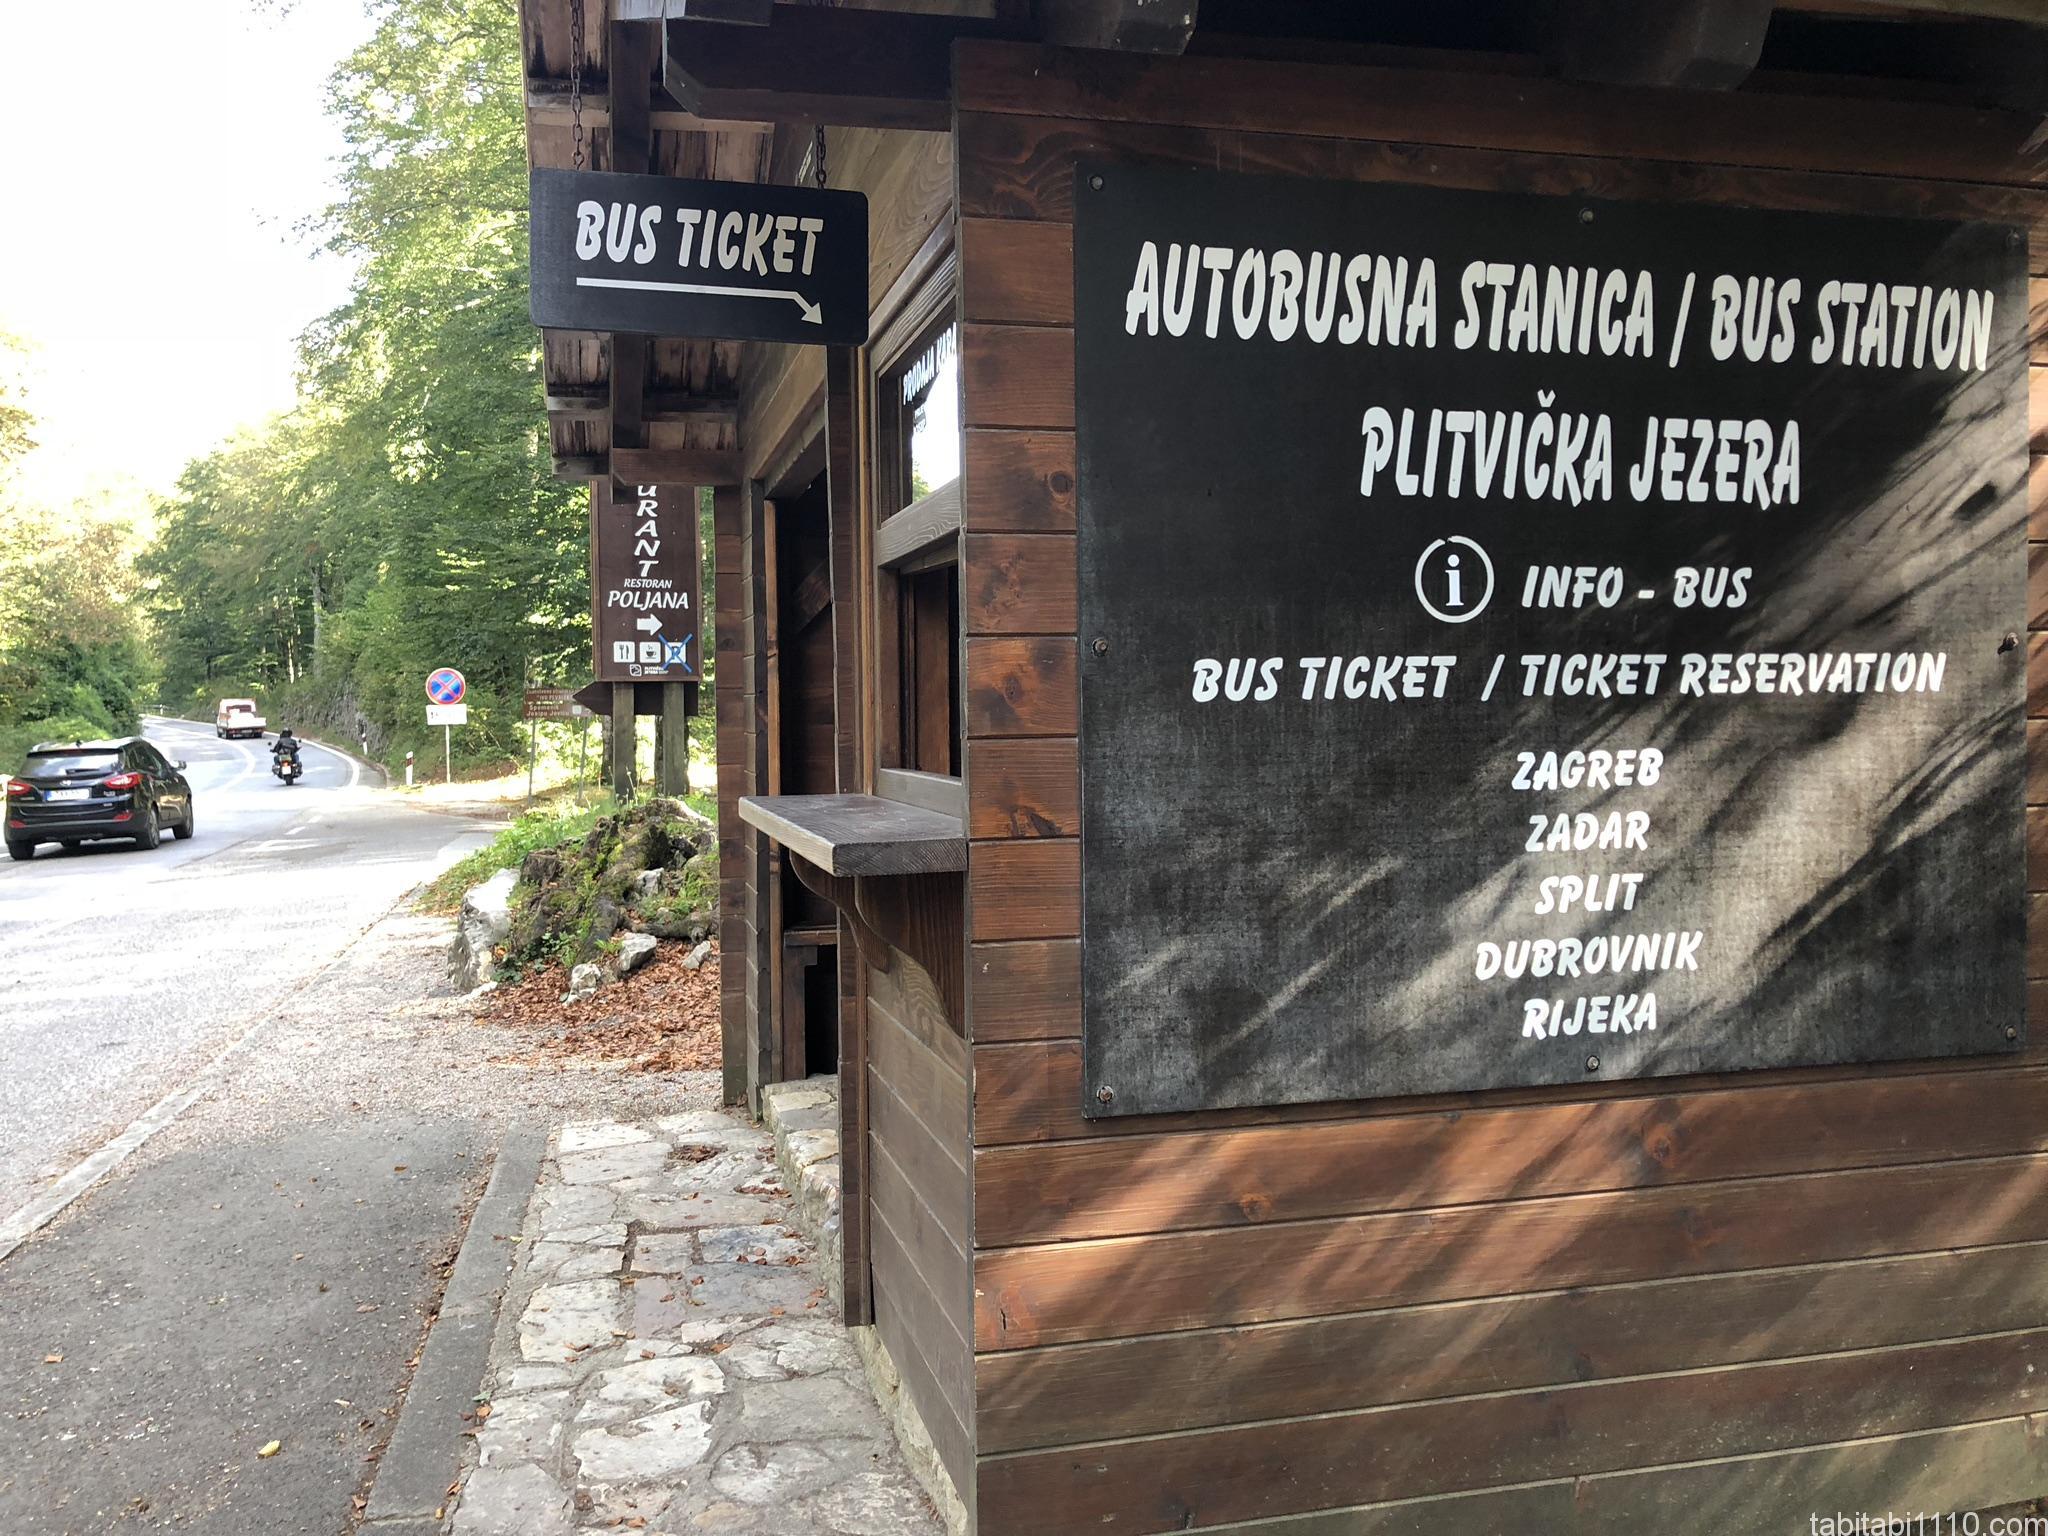 プリトヴィッチェ湖群国立公園|バス停